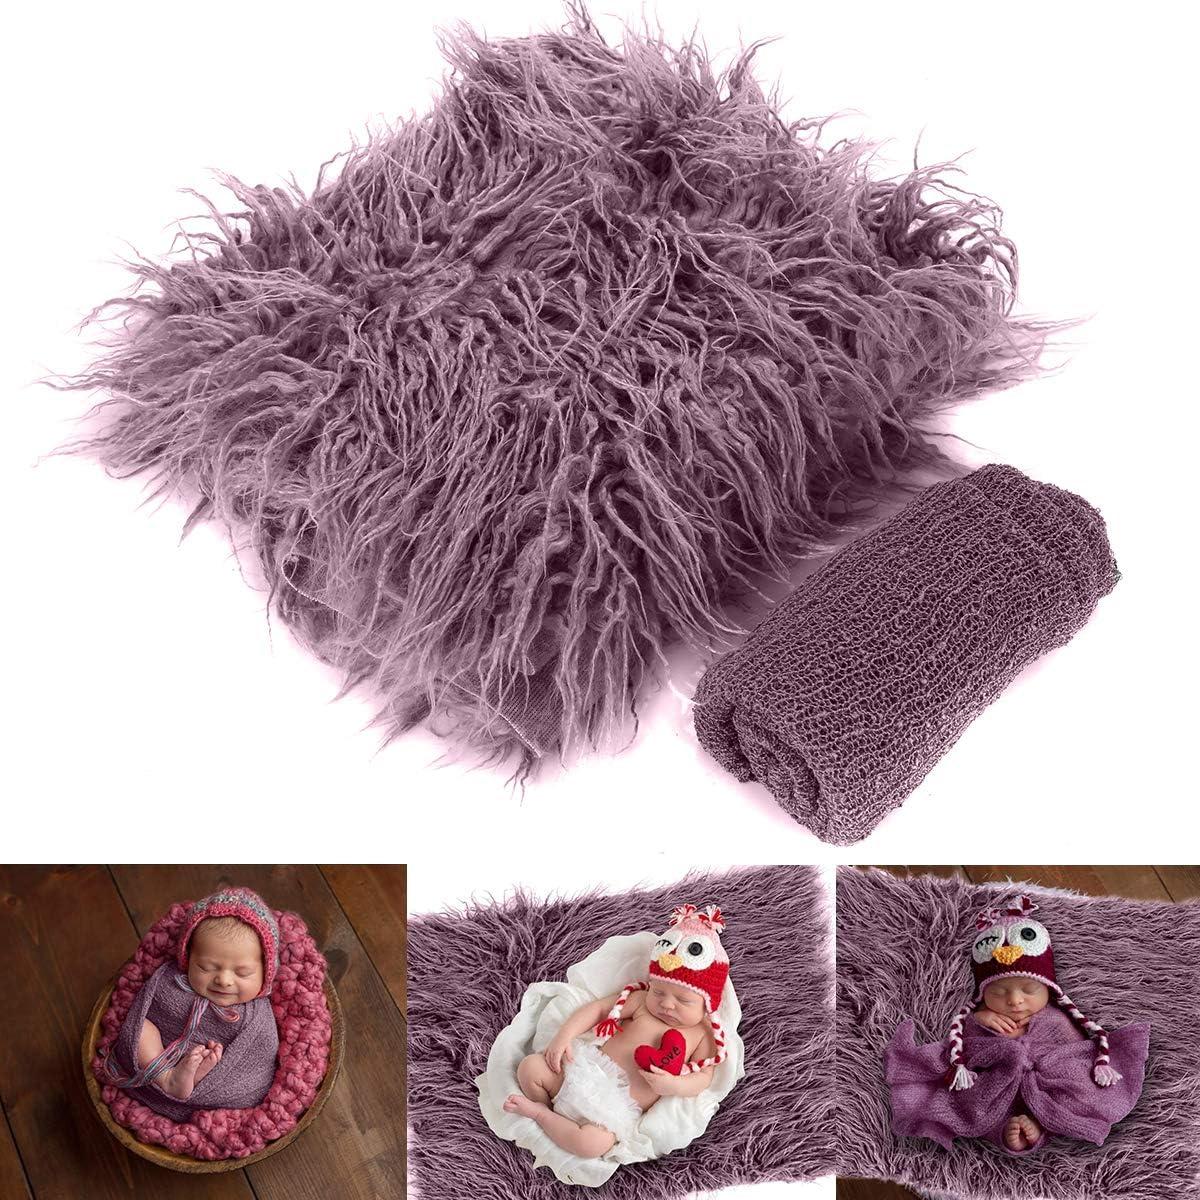 Yinuoday 2 Piezas de Accesorios para fotografía de bebé recién Nacido, Manta para bebés y niñas Taro Purple Talla:0-3 Month